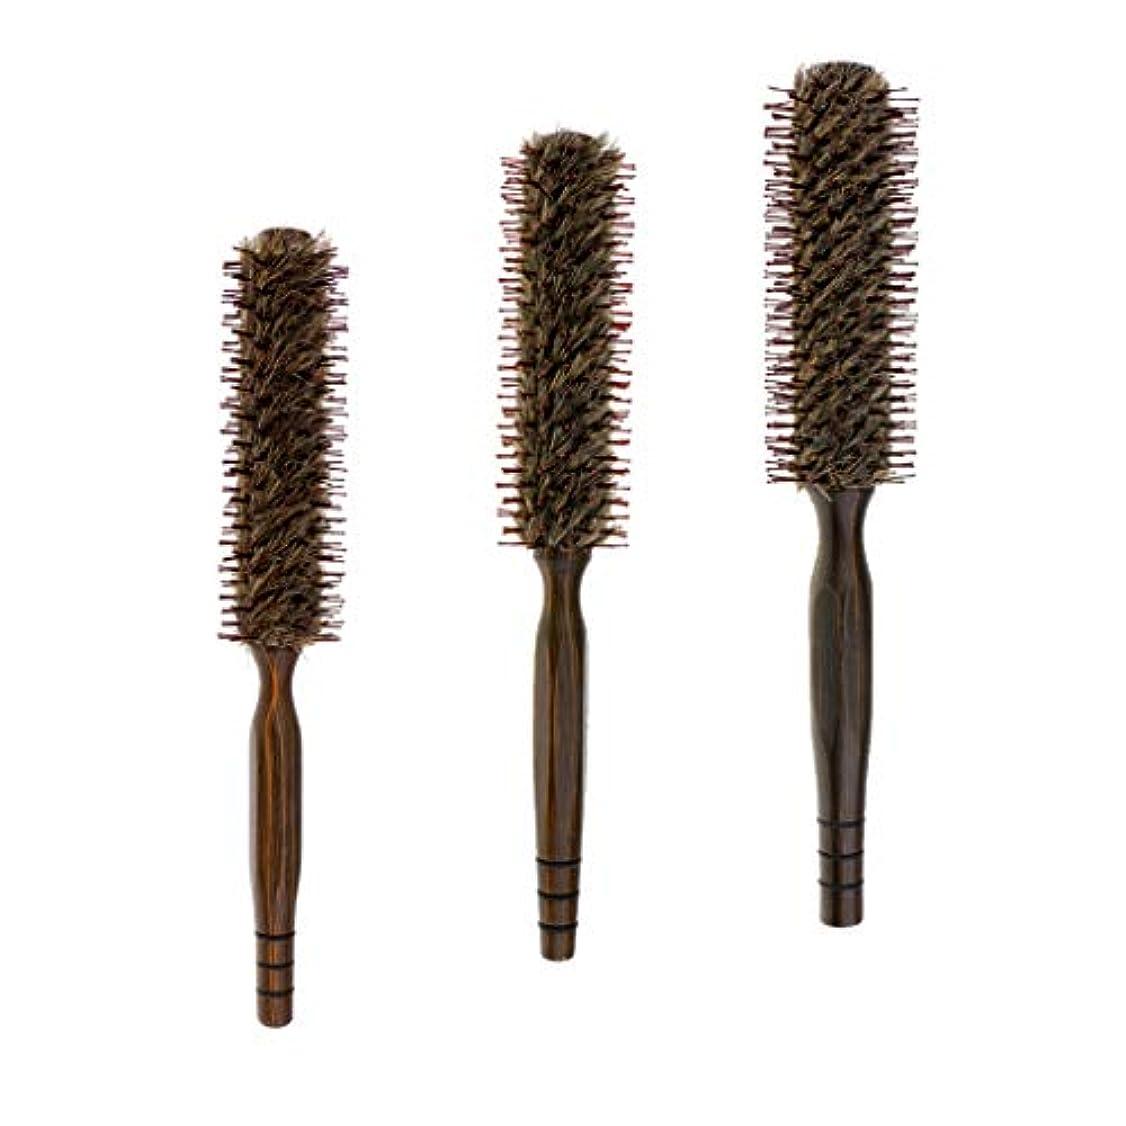 対処降伏思い出Toygogo 3パック小さい丸い木製理髪の毛の巻き毛の櫛のブラシ18/20 / 22mm